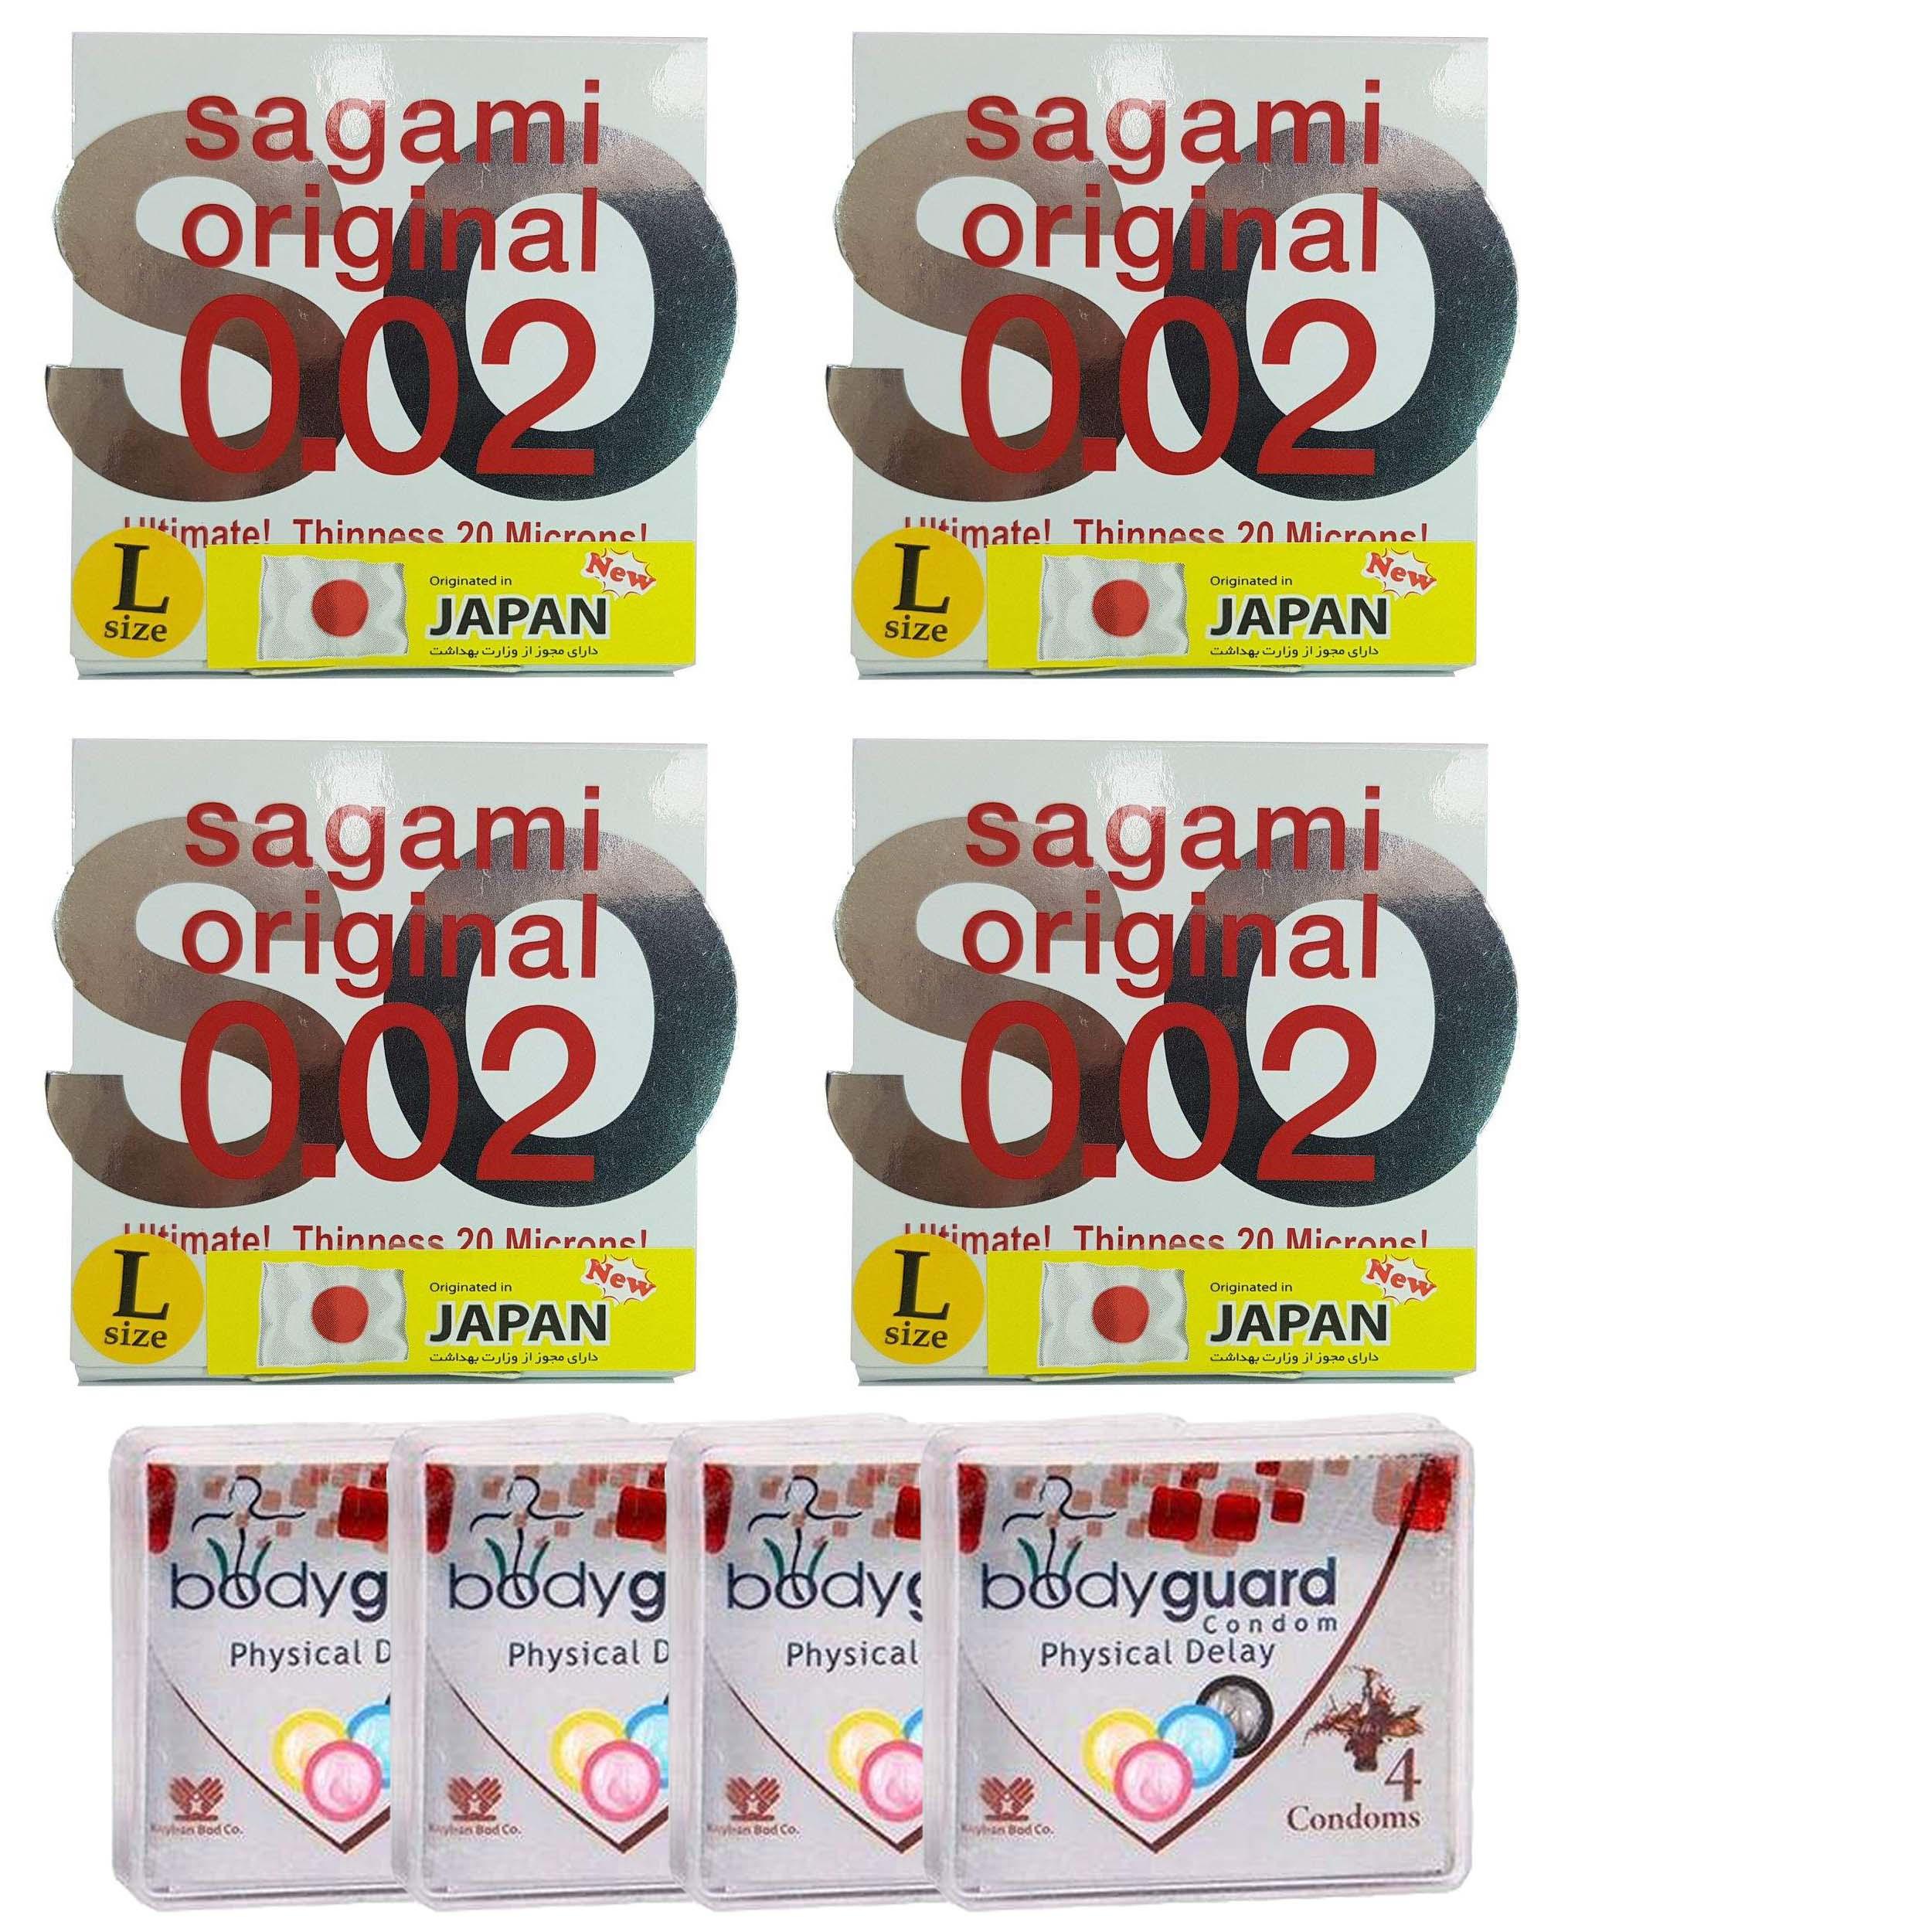 خرید                      کاندوم ساگامی مدل لارج مجموعه 4 عددی به همراه کاندوم بادی گارد مدل Delay مجموعه 4 عددی